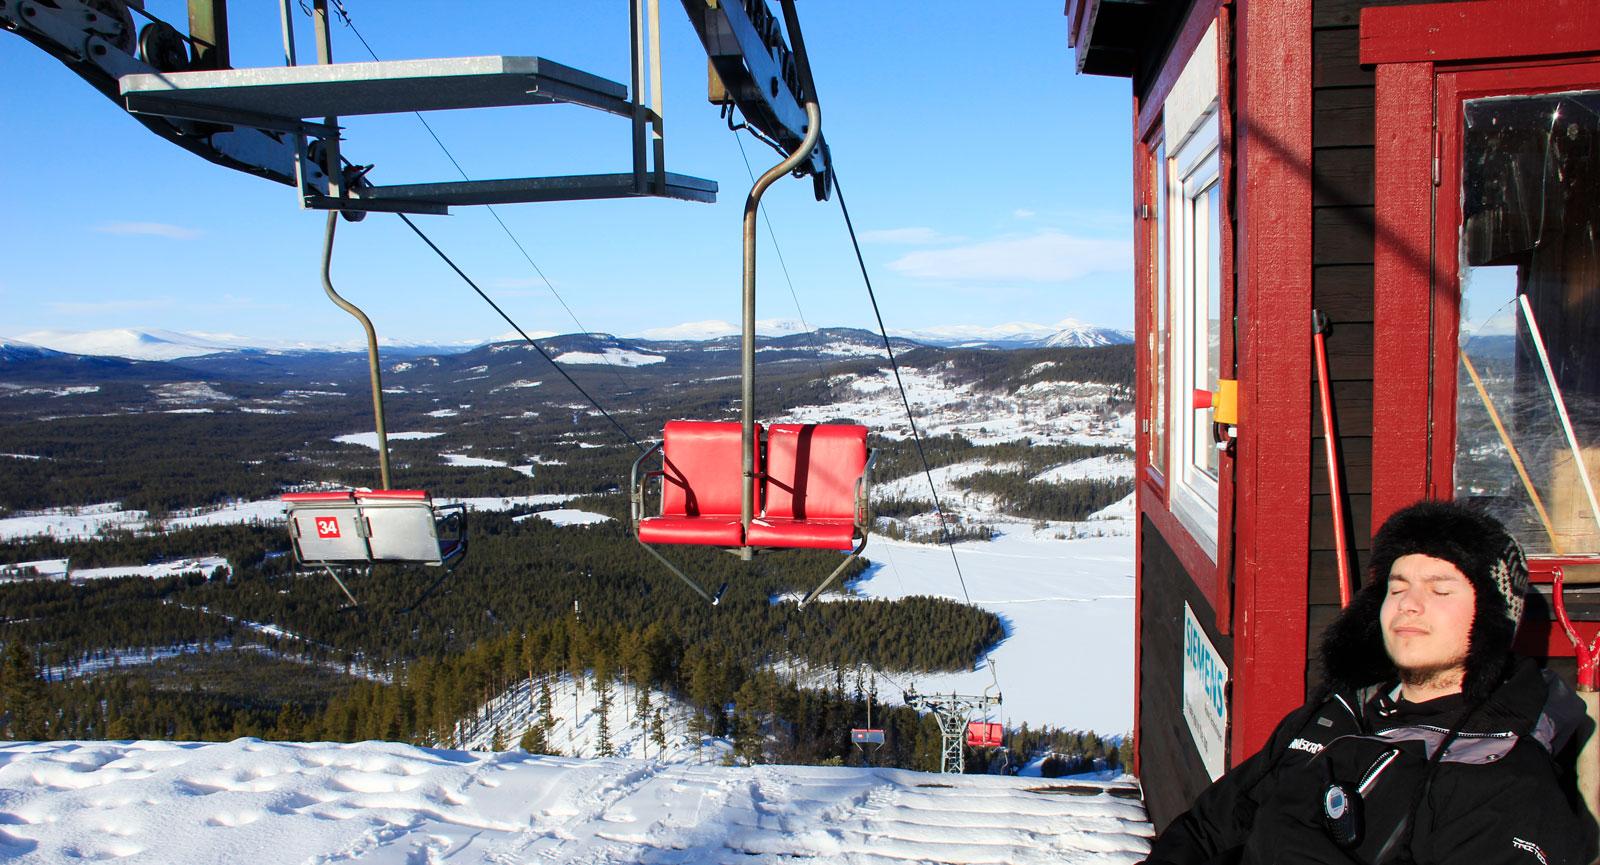 Tännäskrökets alpina anläggning bjuder på två fina skidberg.